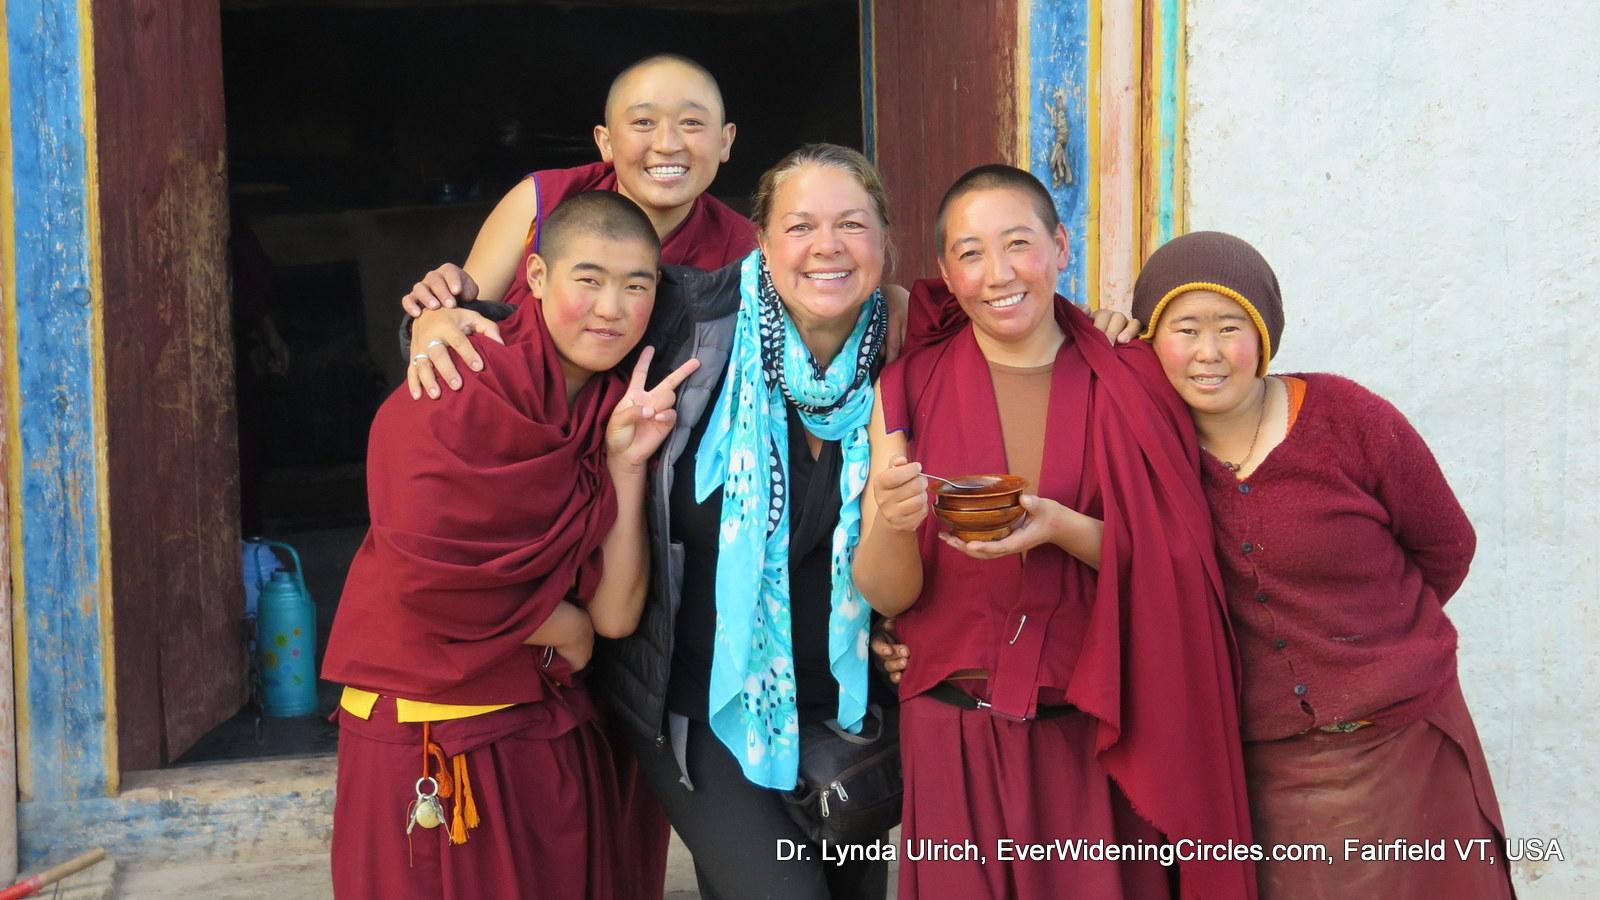 Image: Dr. Lynda with Tibetan nuns, thankful for soup.